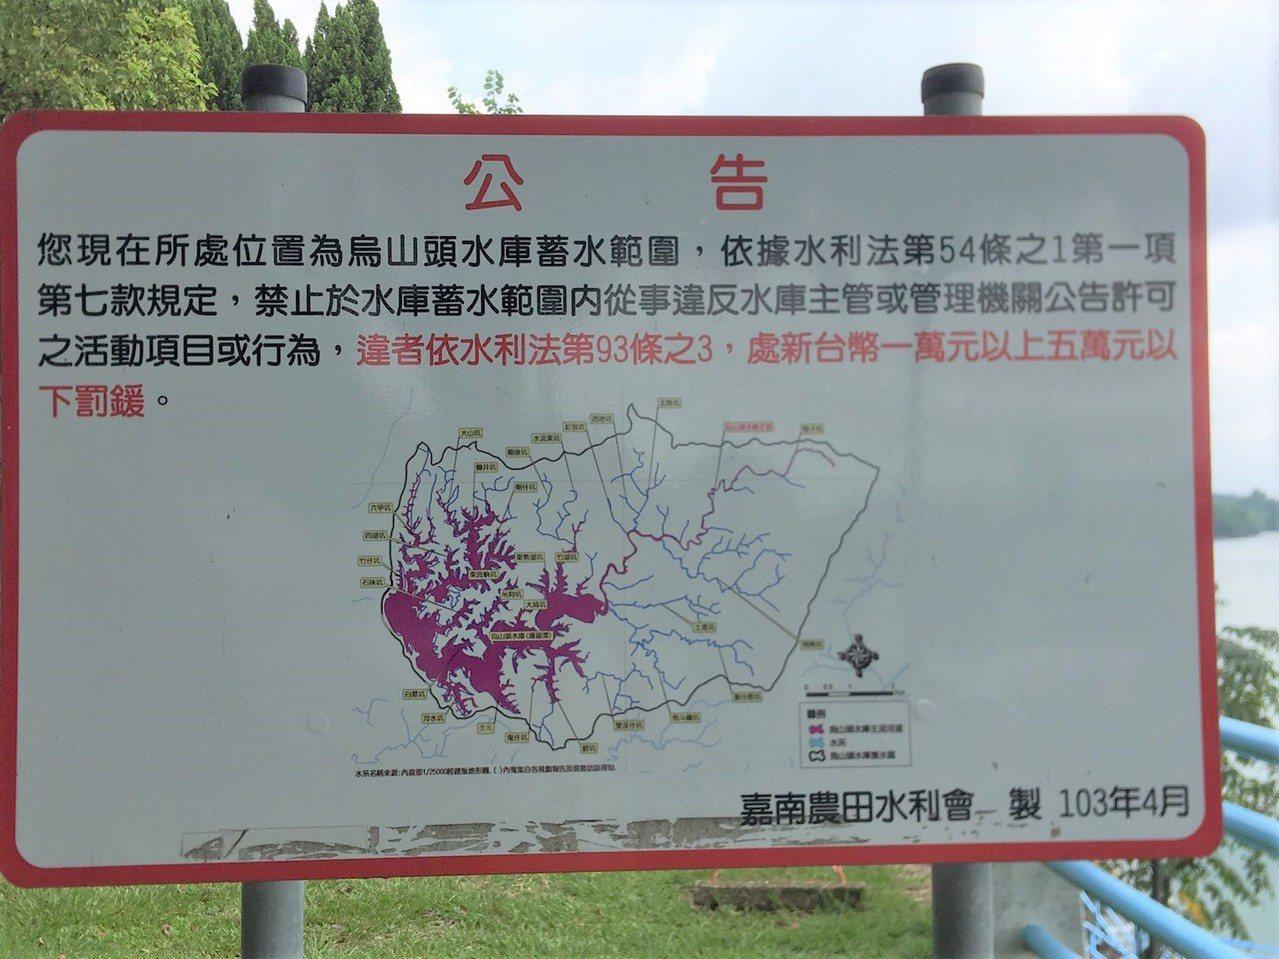 嘉南農田水利會提醒在烏山頭水庫從事水上活動,均是違法。圖/嘉南農田水利會提供